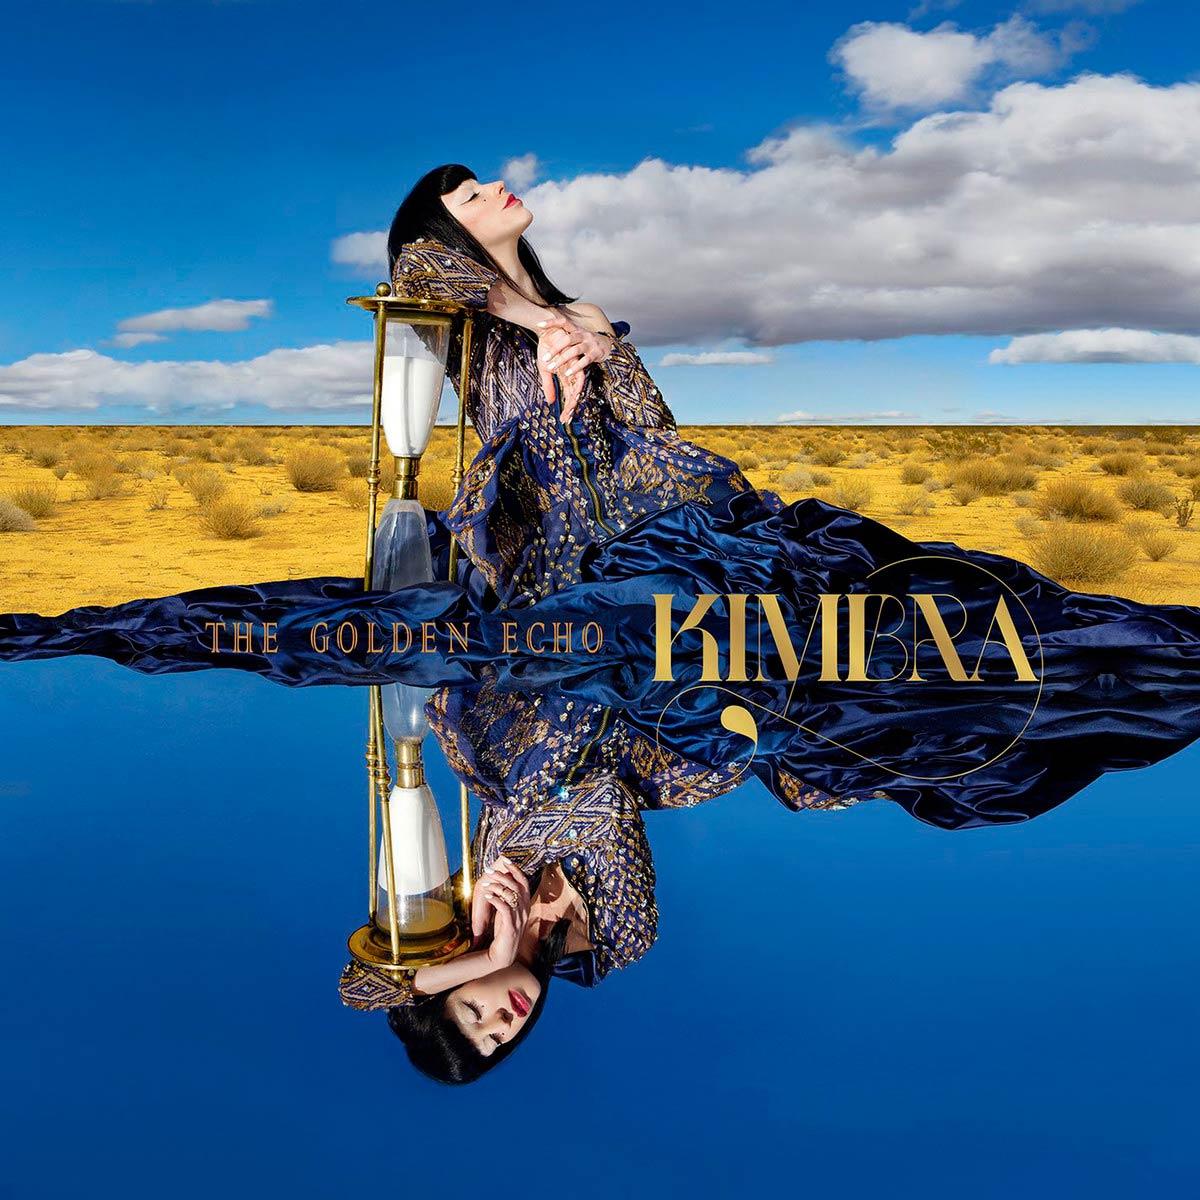 Lista mejores discos 2014 - Kimbra - The Golden Echo